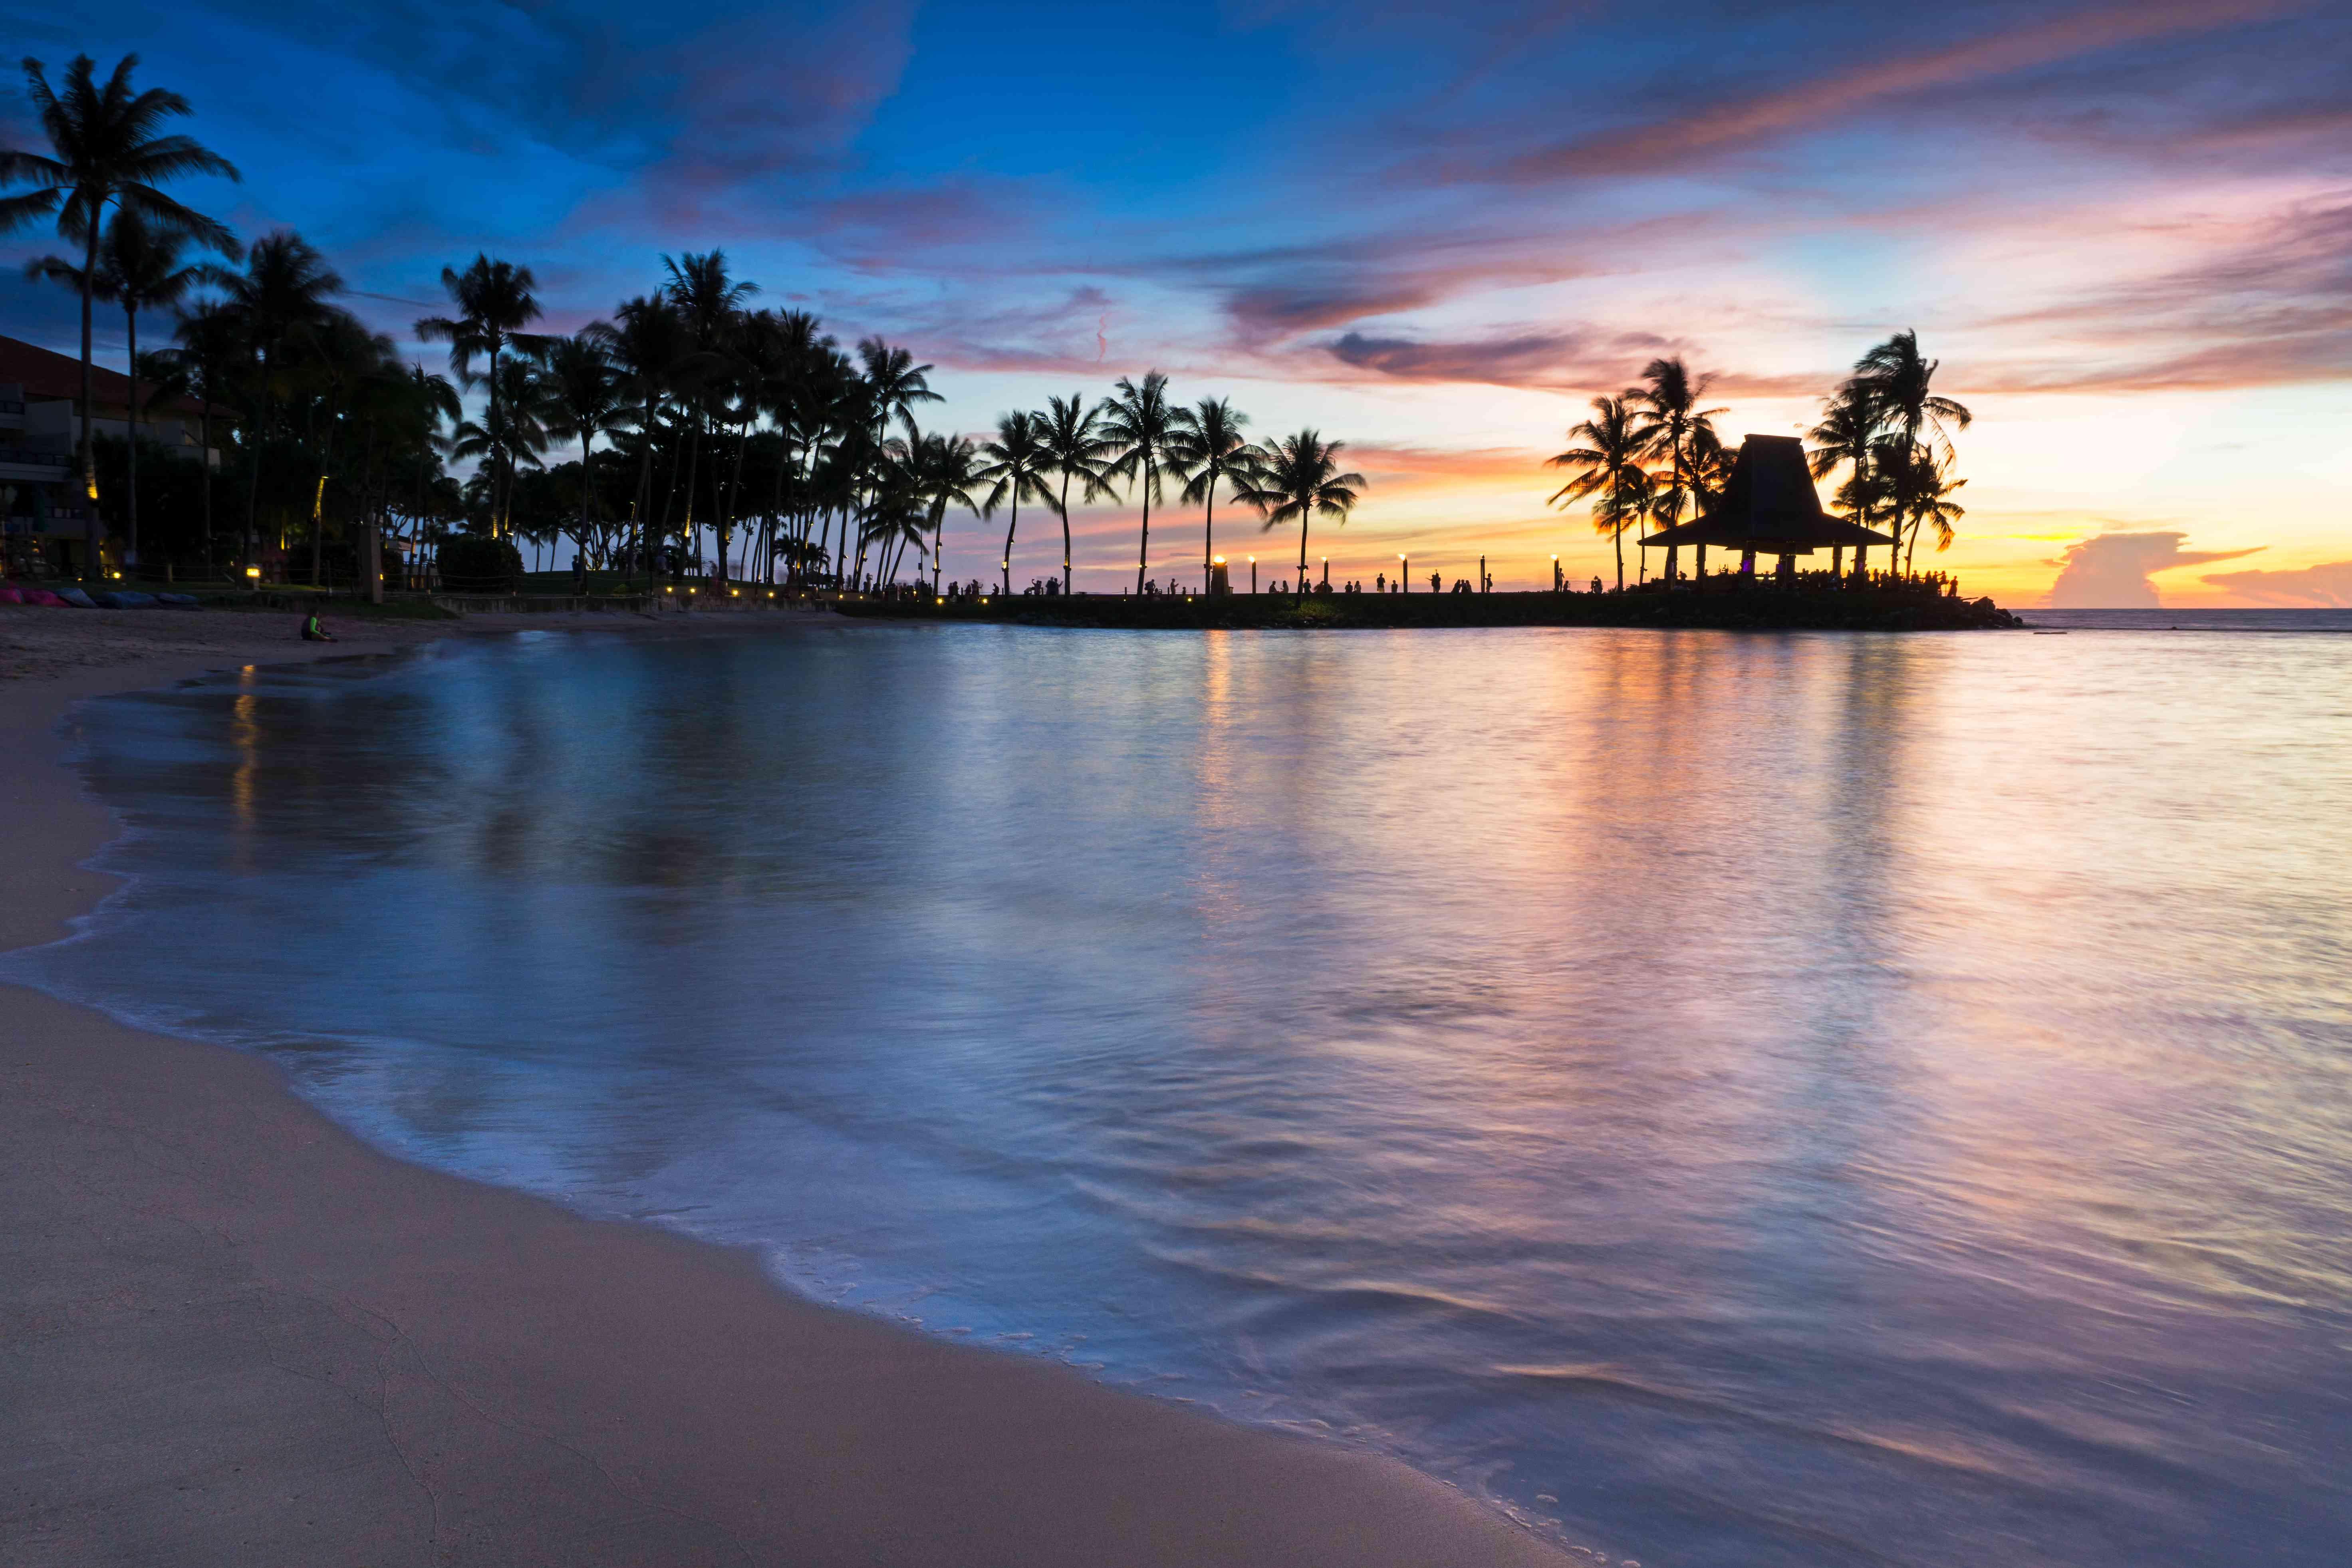 Sunset along Tanjung Aru Beach at Kota Kinabalu, Borneo